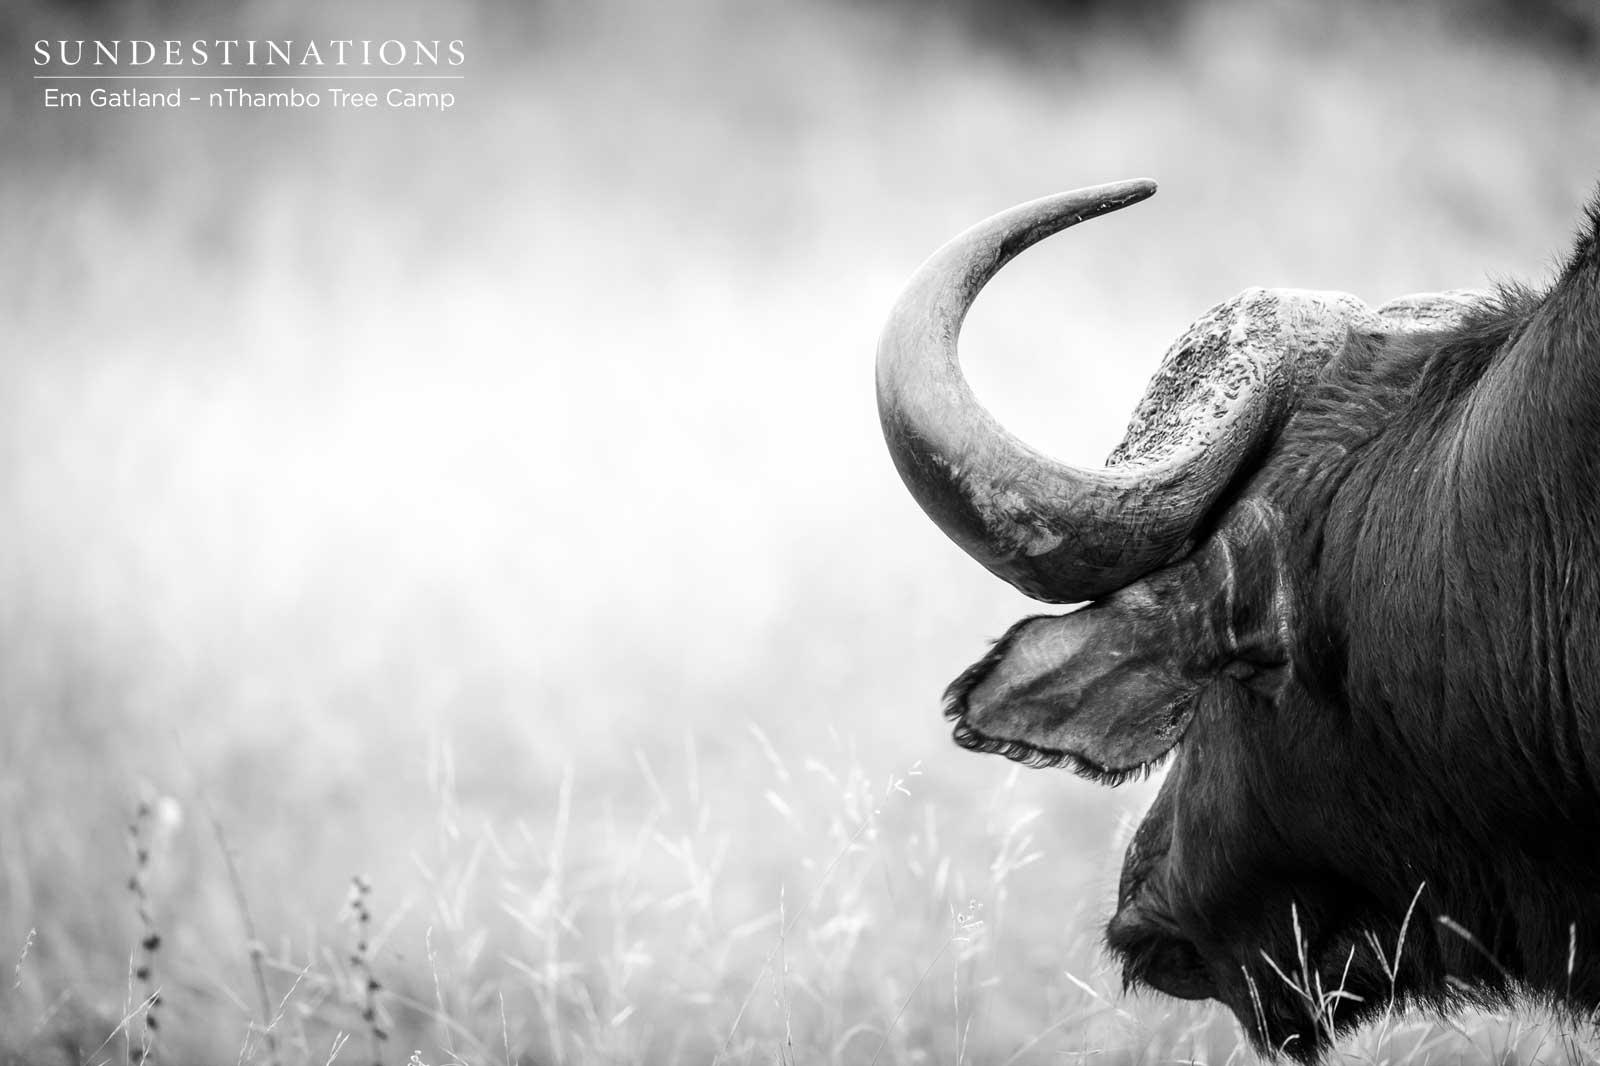 Buffalo at nThambo